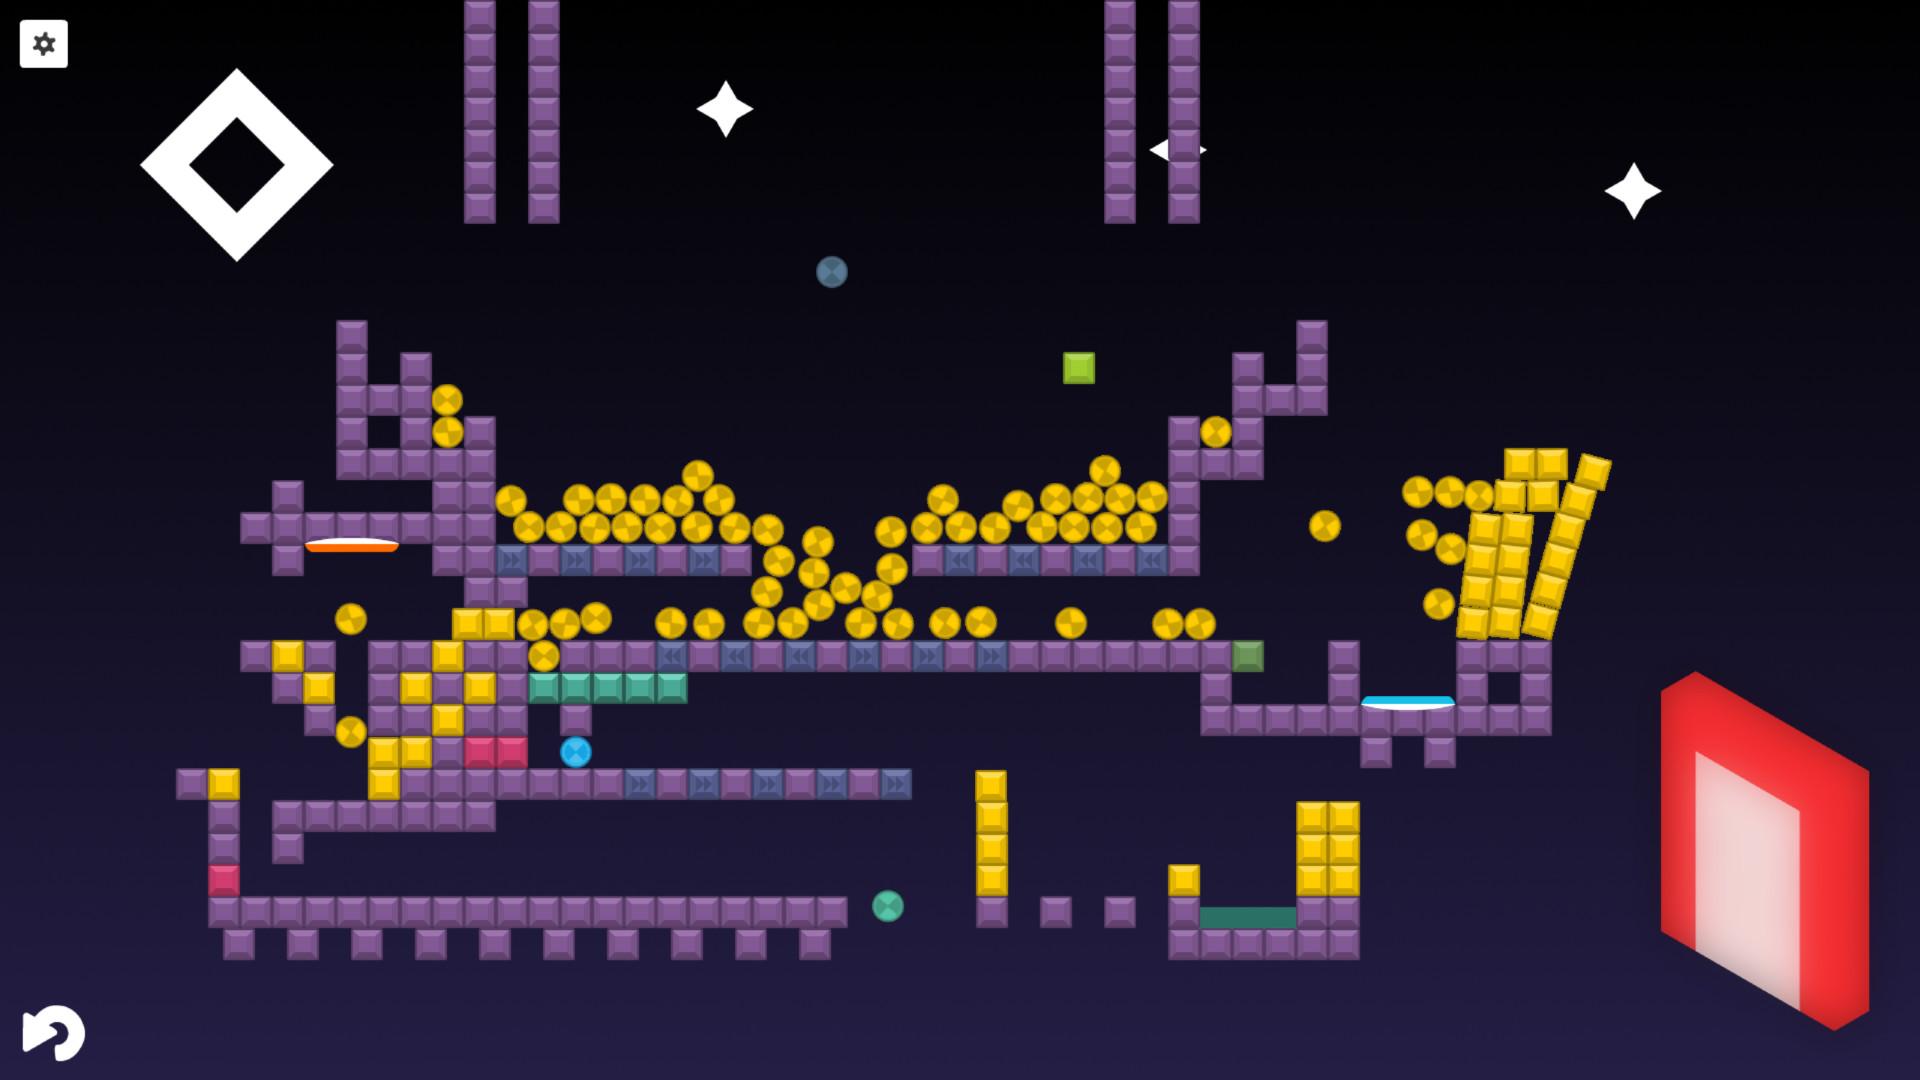 Zup! S screenshot